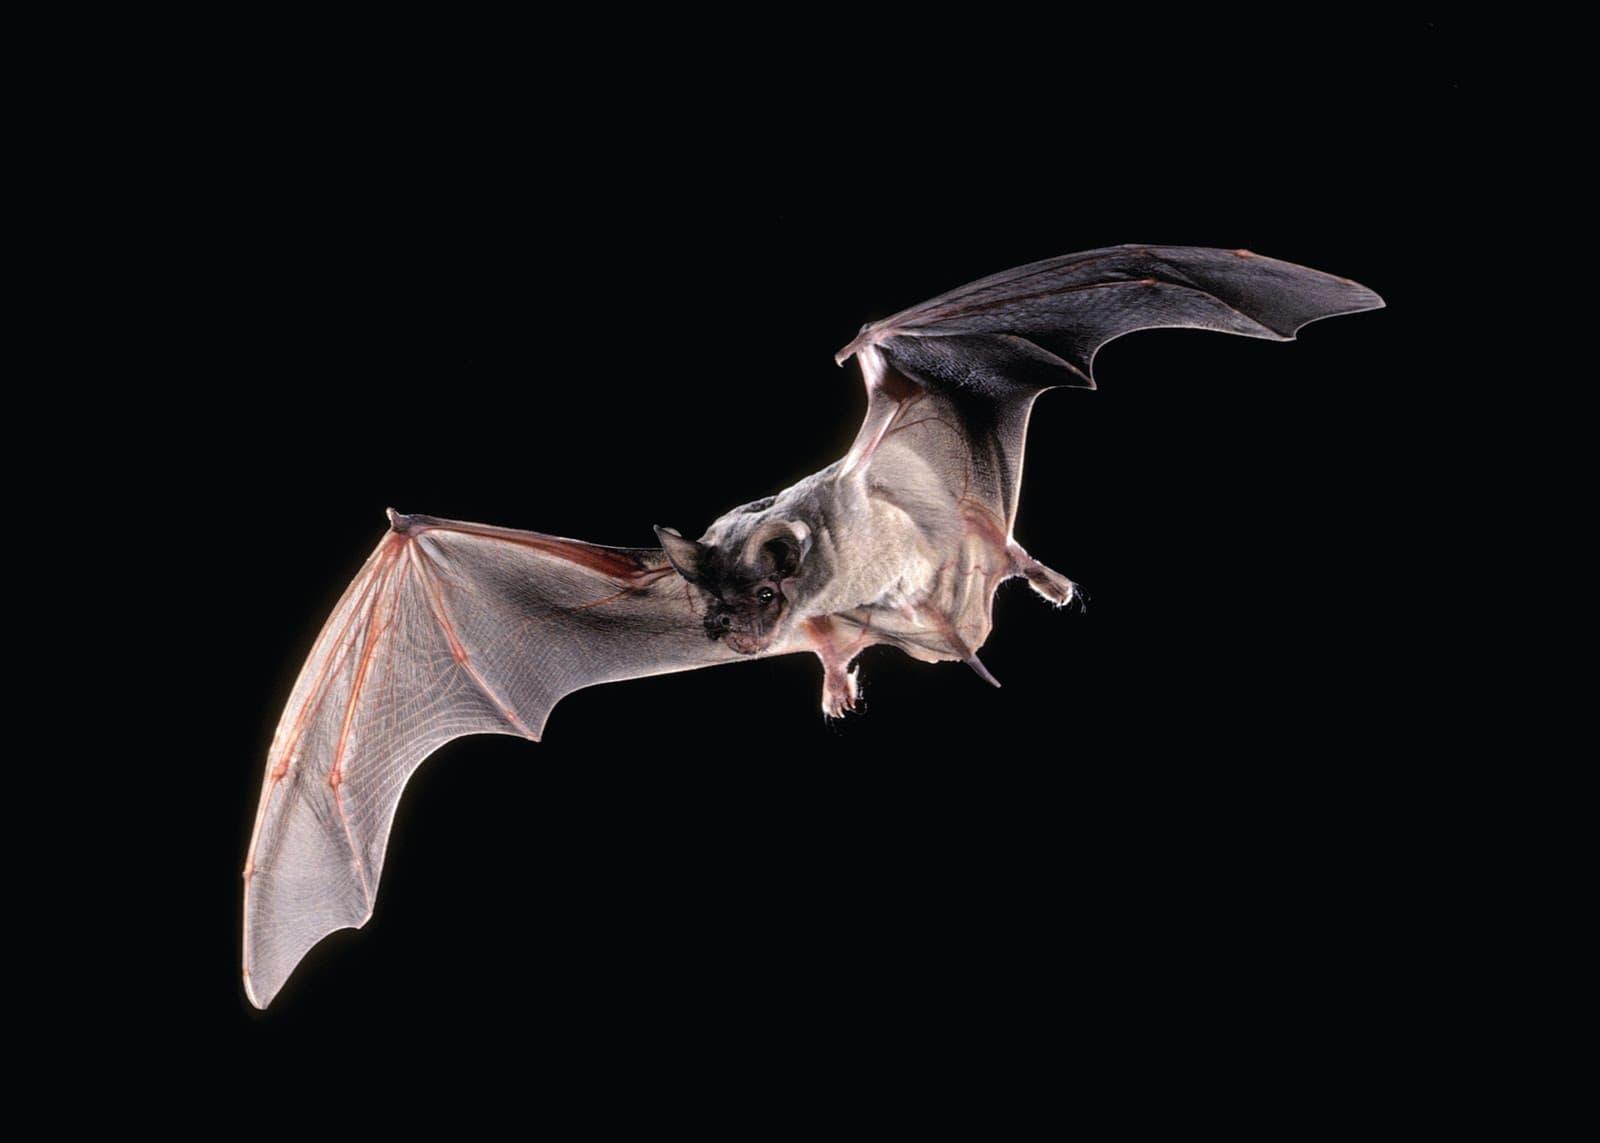 Bat widescreen wallpapers